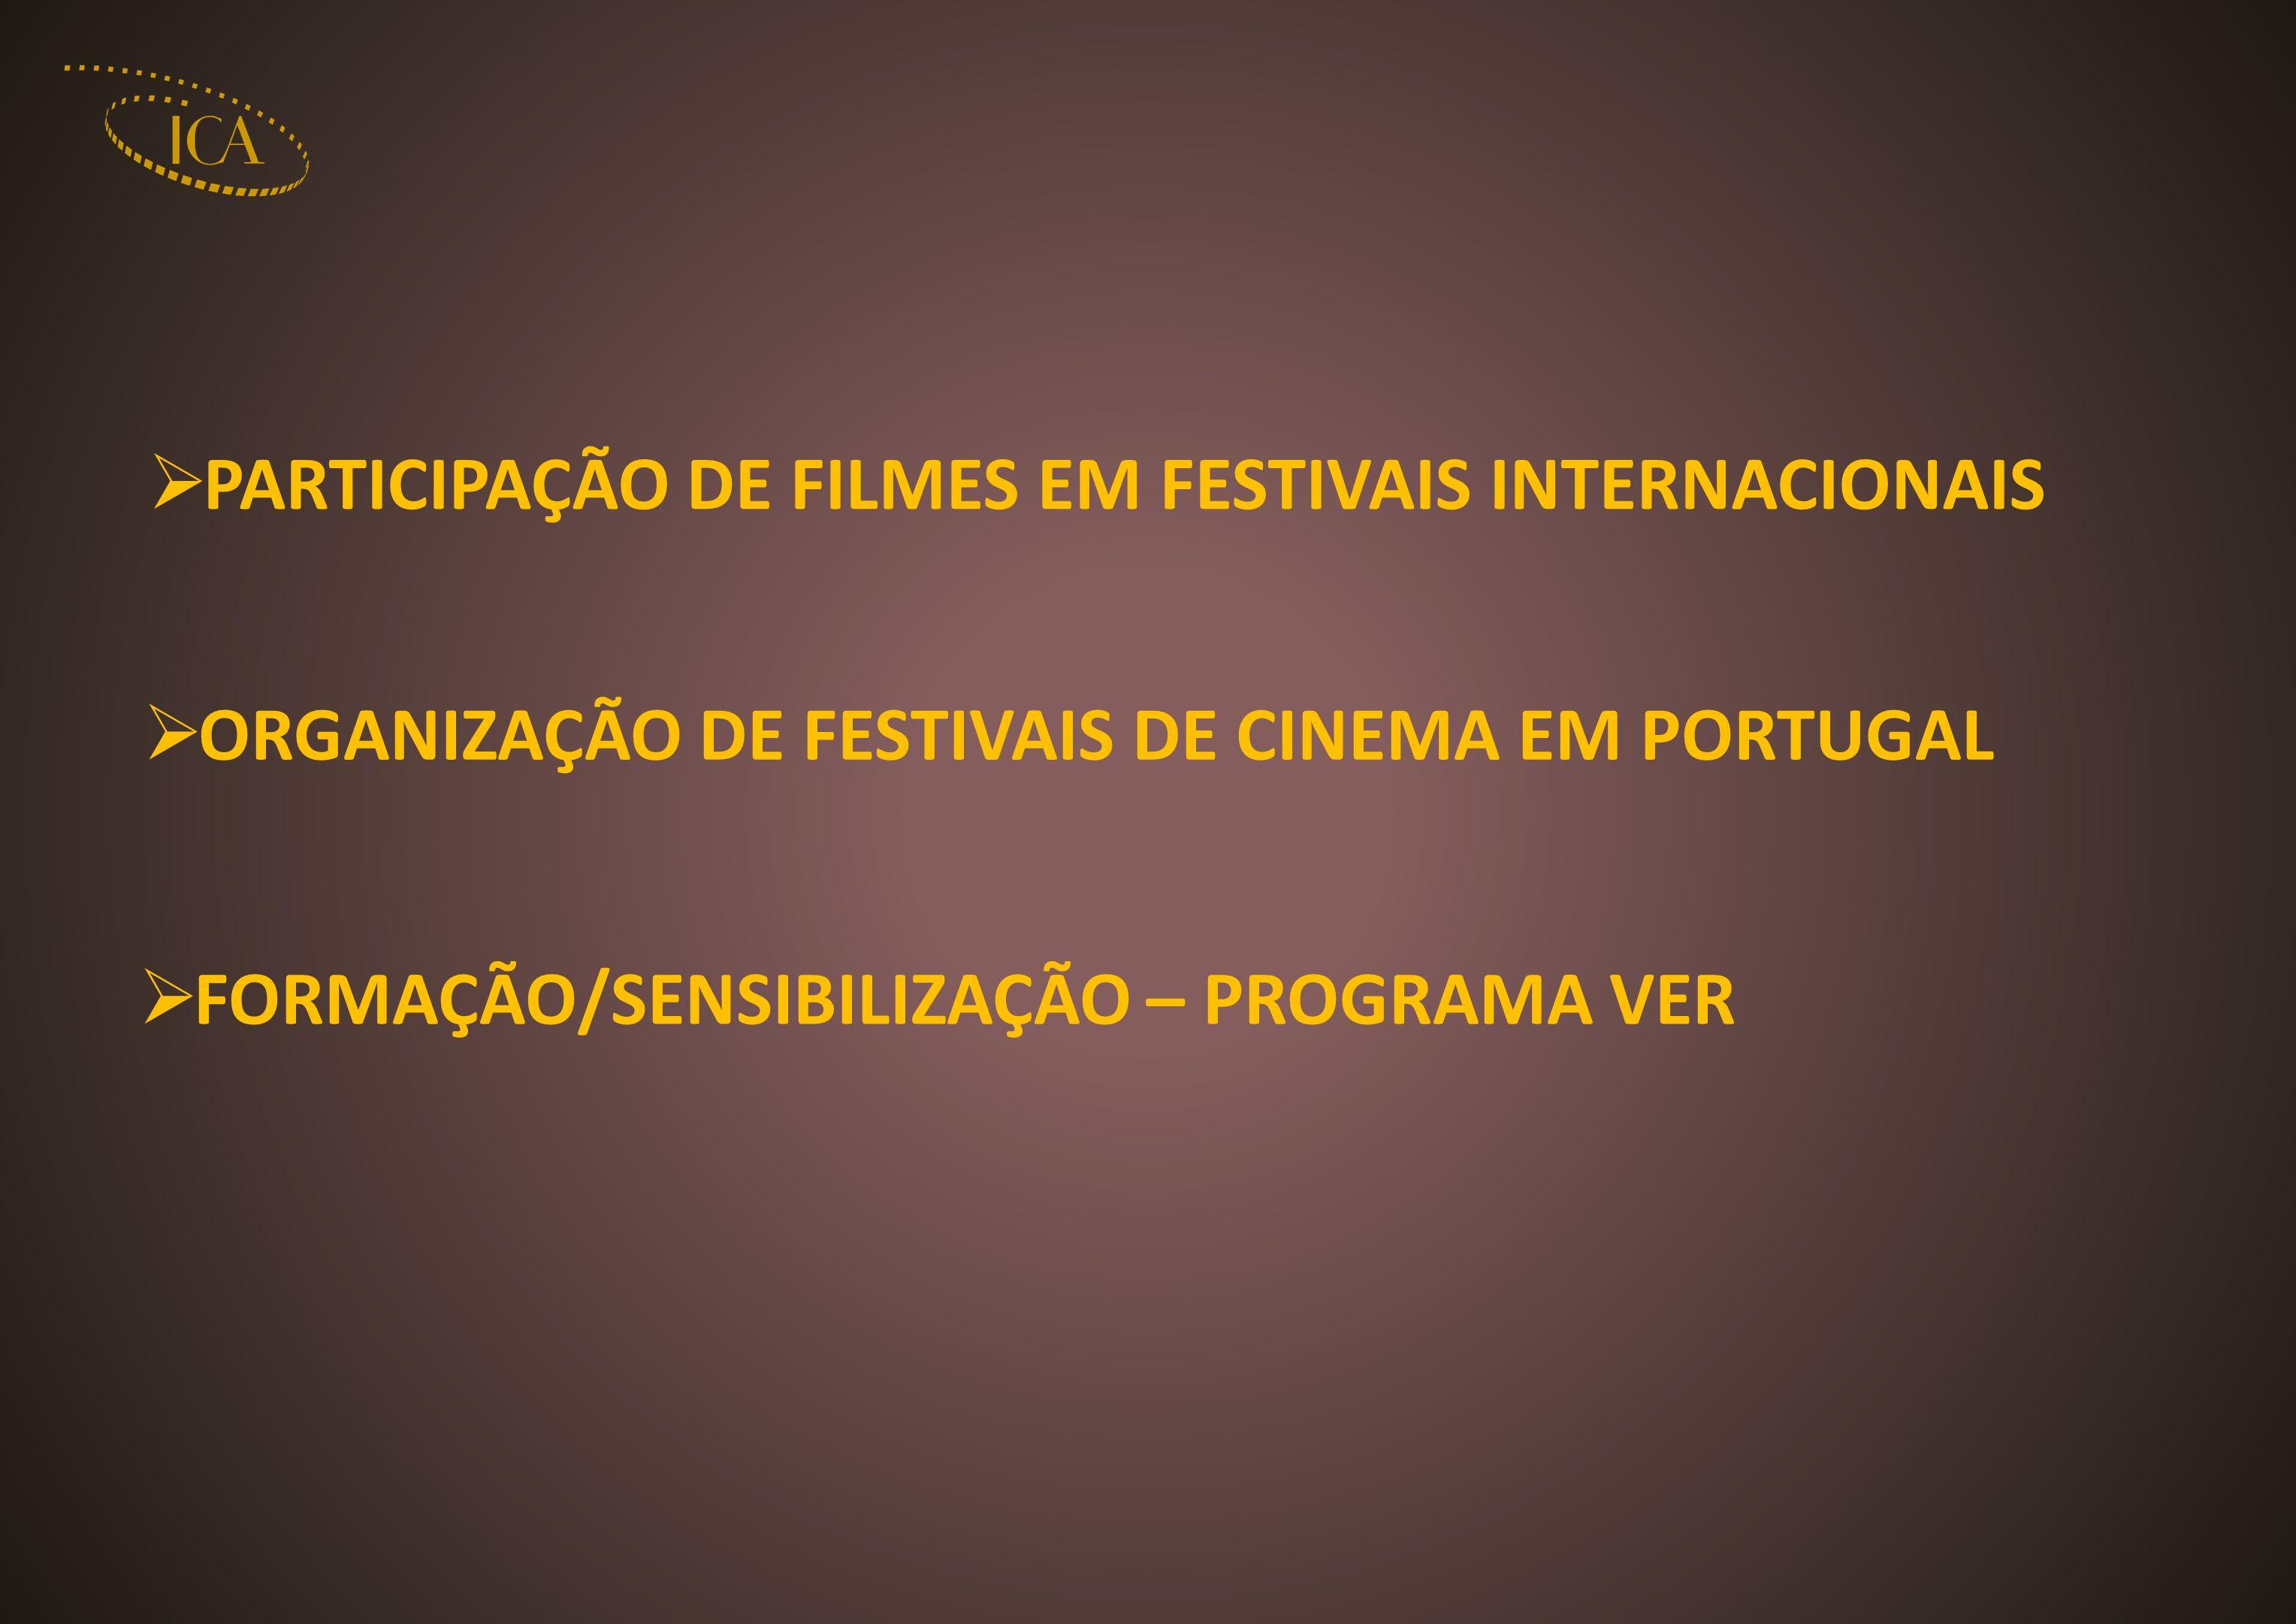 PARTICIPAÇÃO DE FILMES EM FESTIVAIS INTERNACIONAIS ORGANIZAÇÃO DE FESTIVAIS DE CINEMA EM PORTUGAL FORMAÇÃO/SENSIBILIZAÇÃO – PROGRAMA VER